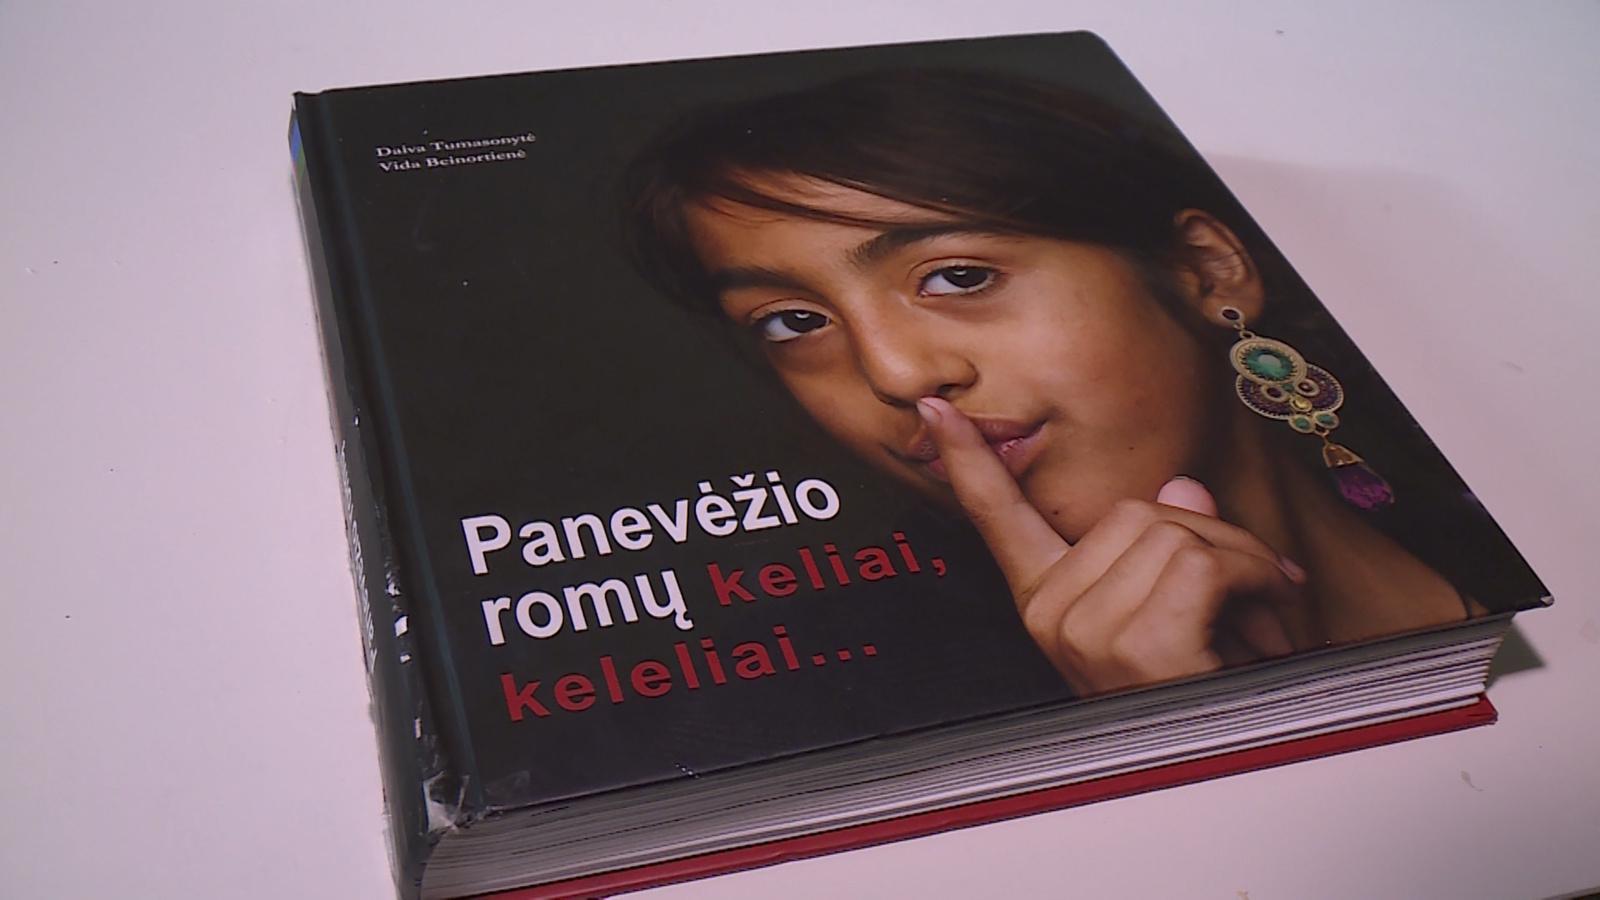 Radži pasipiktino knyga apie Panevėžio romus